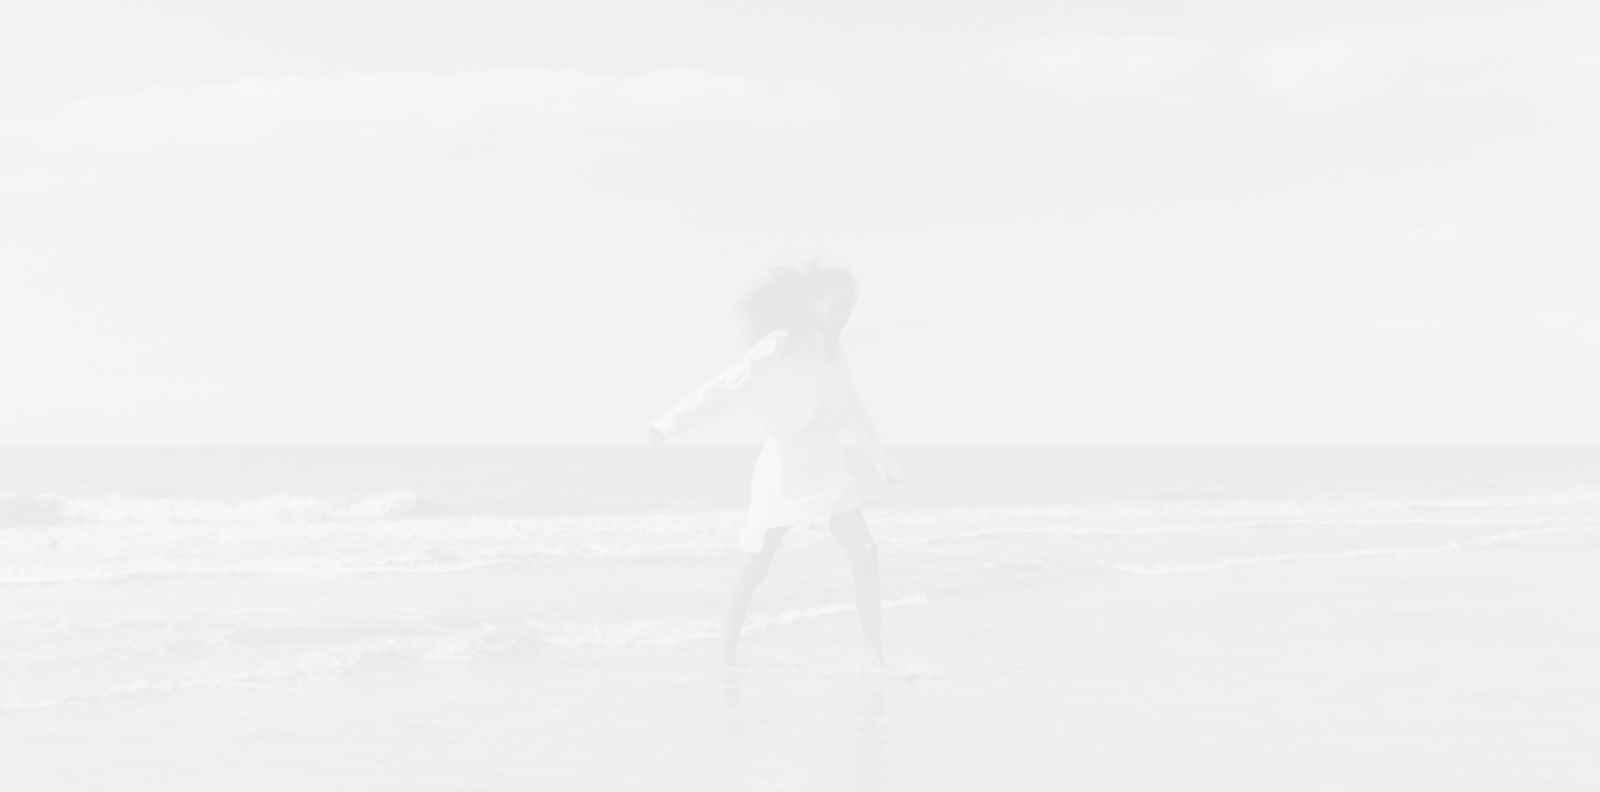 Ефирни & горещи предложения за времето на плажа